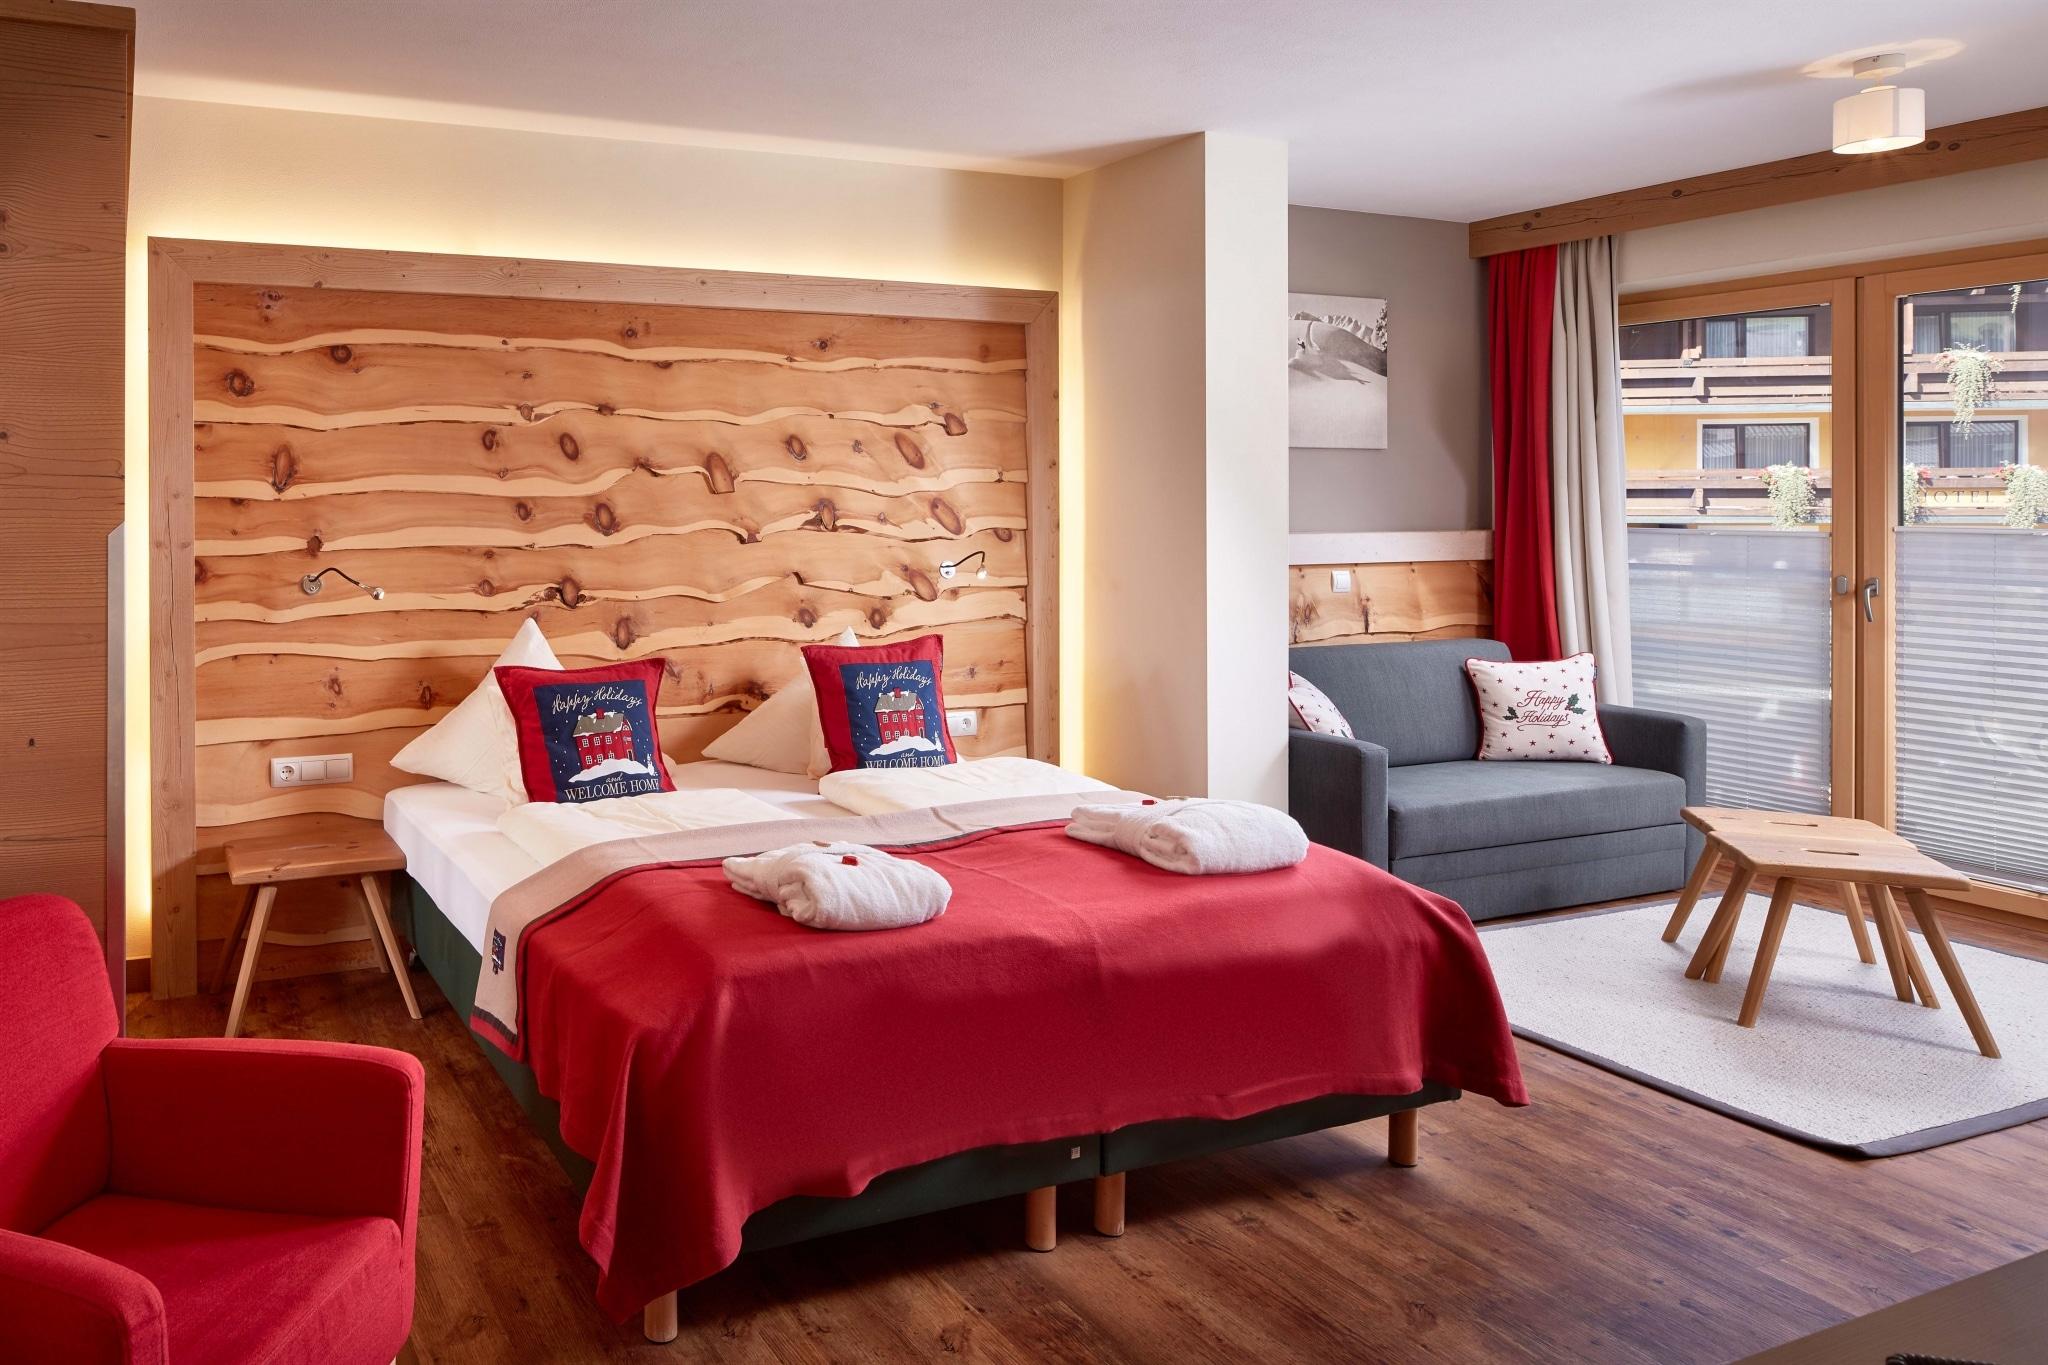 Schatternberg Bett und Sitzecke